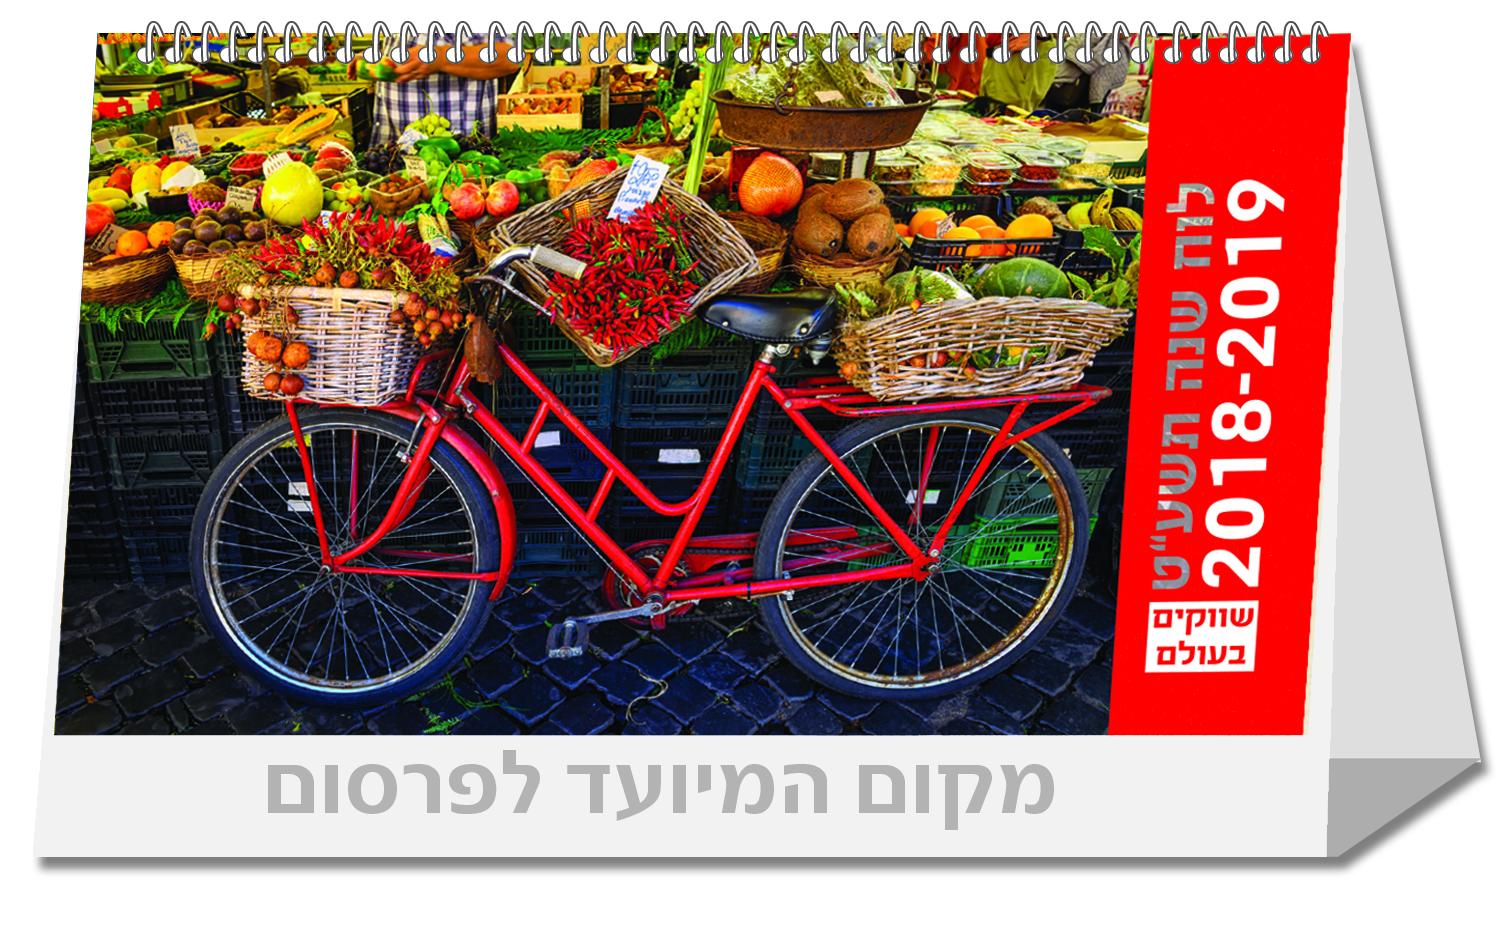 לוח שנה שולחני-שווקים בעולם